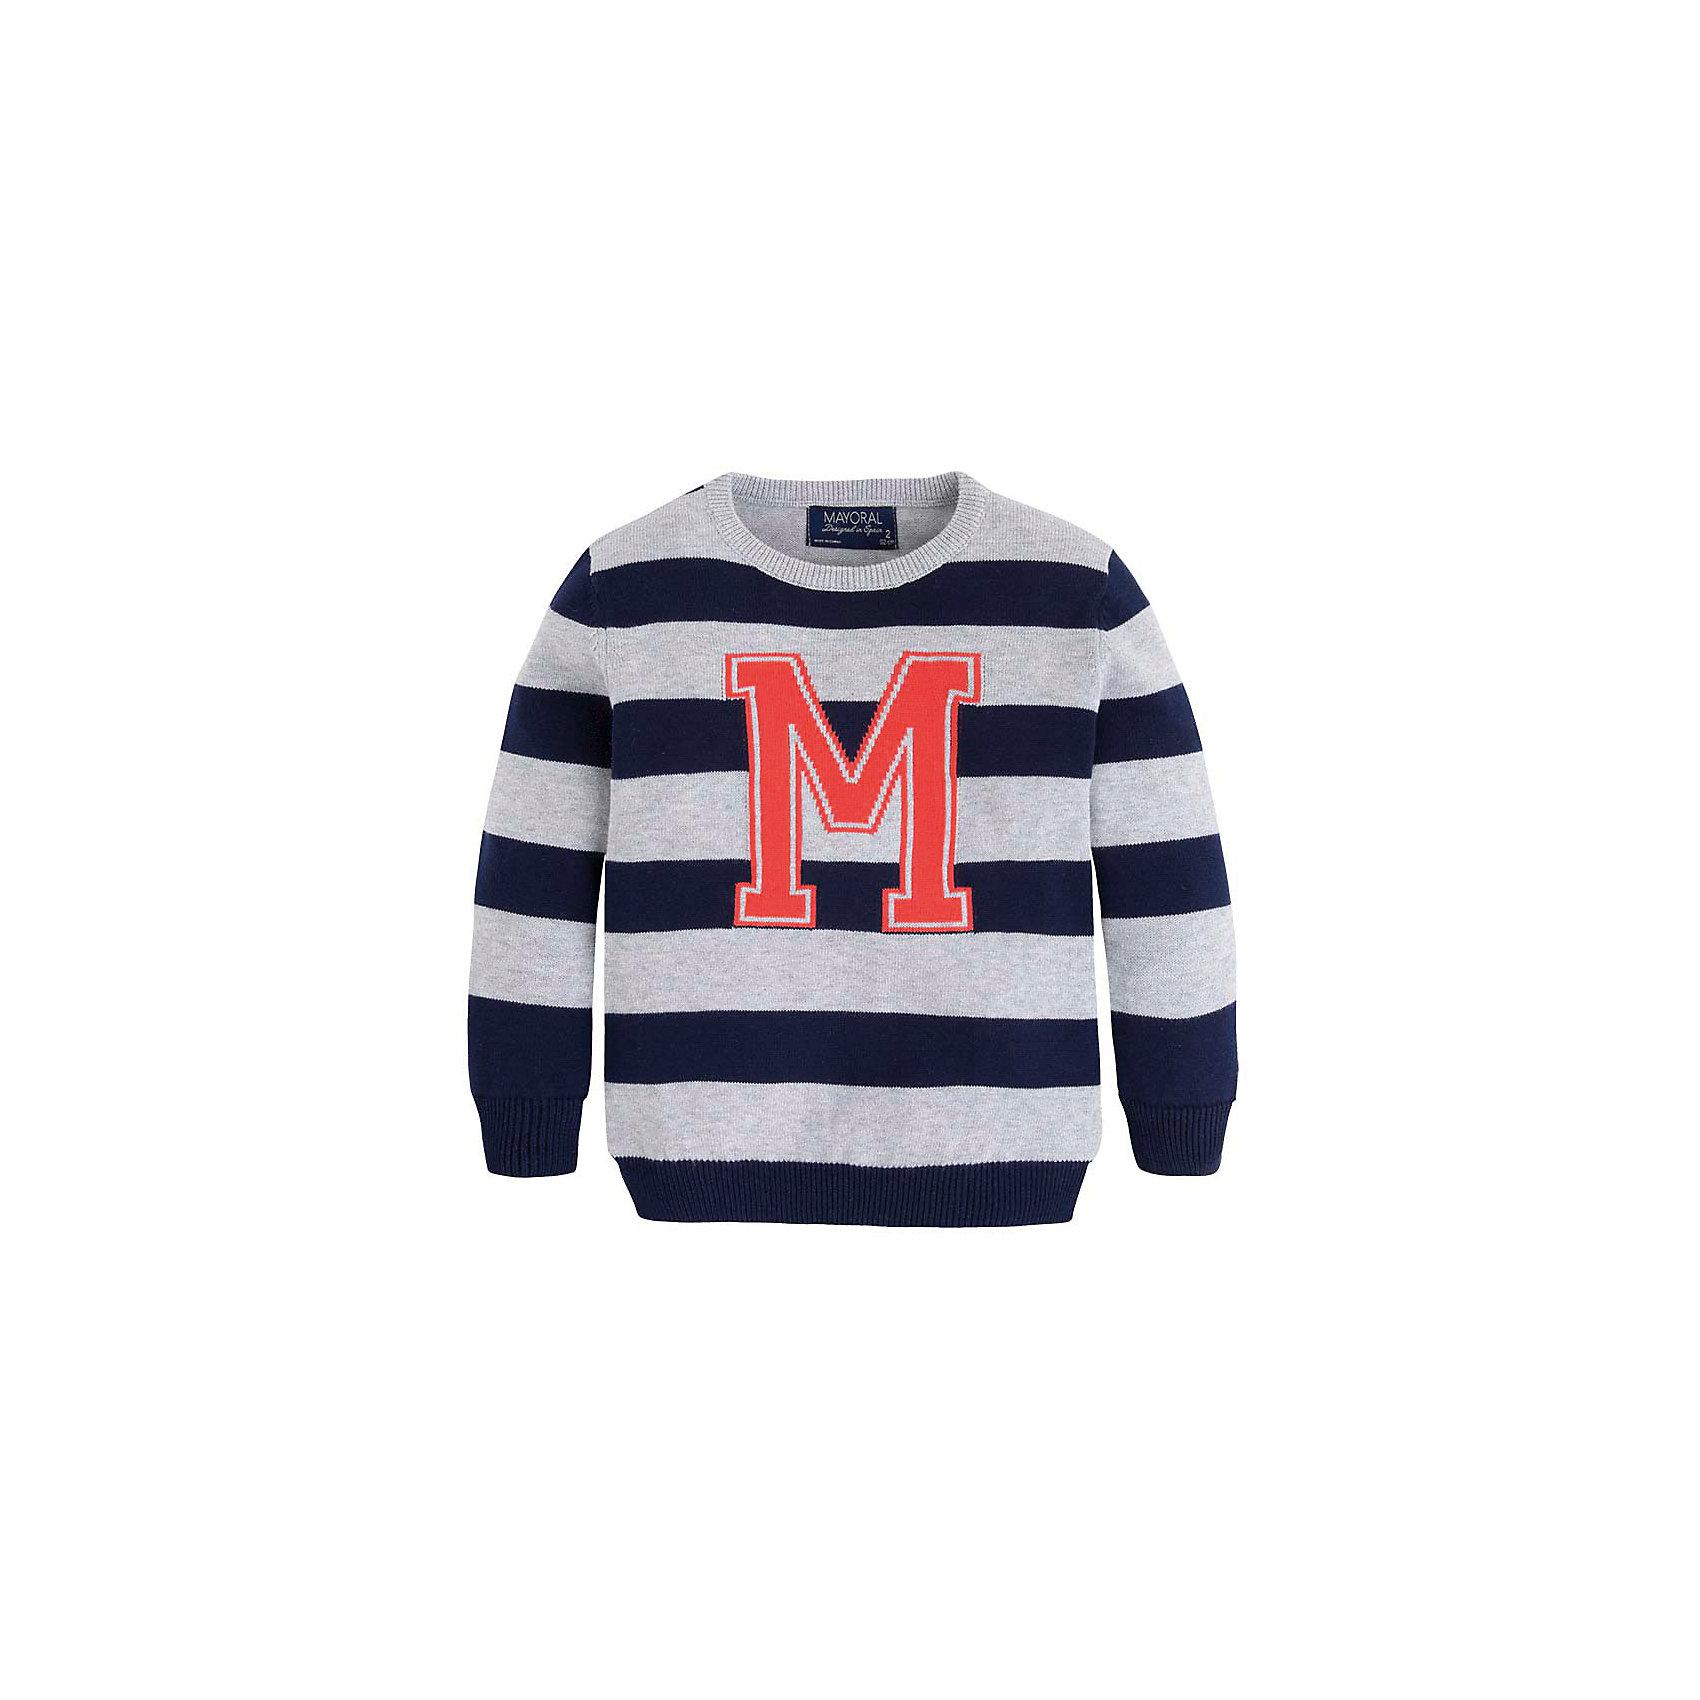 Свитер для мальчика MayoralСвитер для мальчика от известной испанской марки Mayoral <br><br>Модный свитер от Mayoral актуален в прохладную погоду. Он прекрасно сочетается с джинсами и брюками.  Модель выполнена из качественных материалов, отлично садится по фигуре.<br><br>Особенности модели:<br><br>- цвет: синий;<br>- рукава длинные;<br>- принт -  буква М;<br>- низ и конец рукавов - резинки;<br>- натуральный материал.<br><br>Дополнительная информация:<br><br>Состав: 100% хлопок<br><br>Свитер для мальчика Mayoral (Майорал) можно купить в нашем магазине.<br><br>Ширина мм: 190<br>Глубина мм: 74<br>Высота мм: 229<br>Вес г: 236<br>Цвет: синий<br>Возраст от месяцев: 84<br>Возраст до месяцев: 96<br>Пол: Мужской<br>Возраст: Детский<br>Размер: 128,92,134,122,116,104,110,98<br>SKU: 4542033